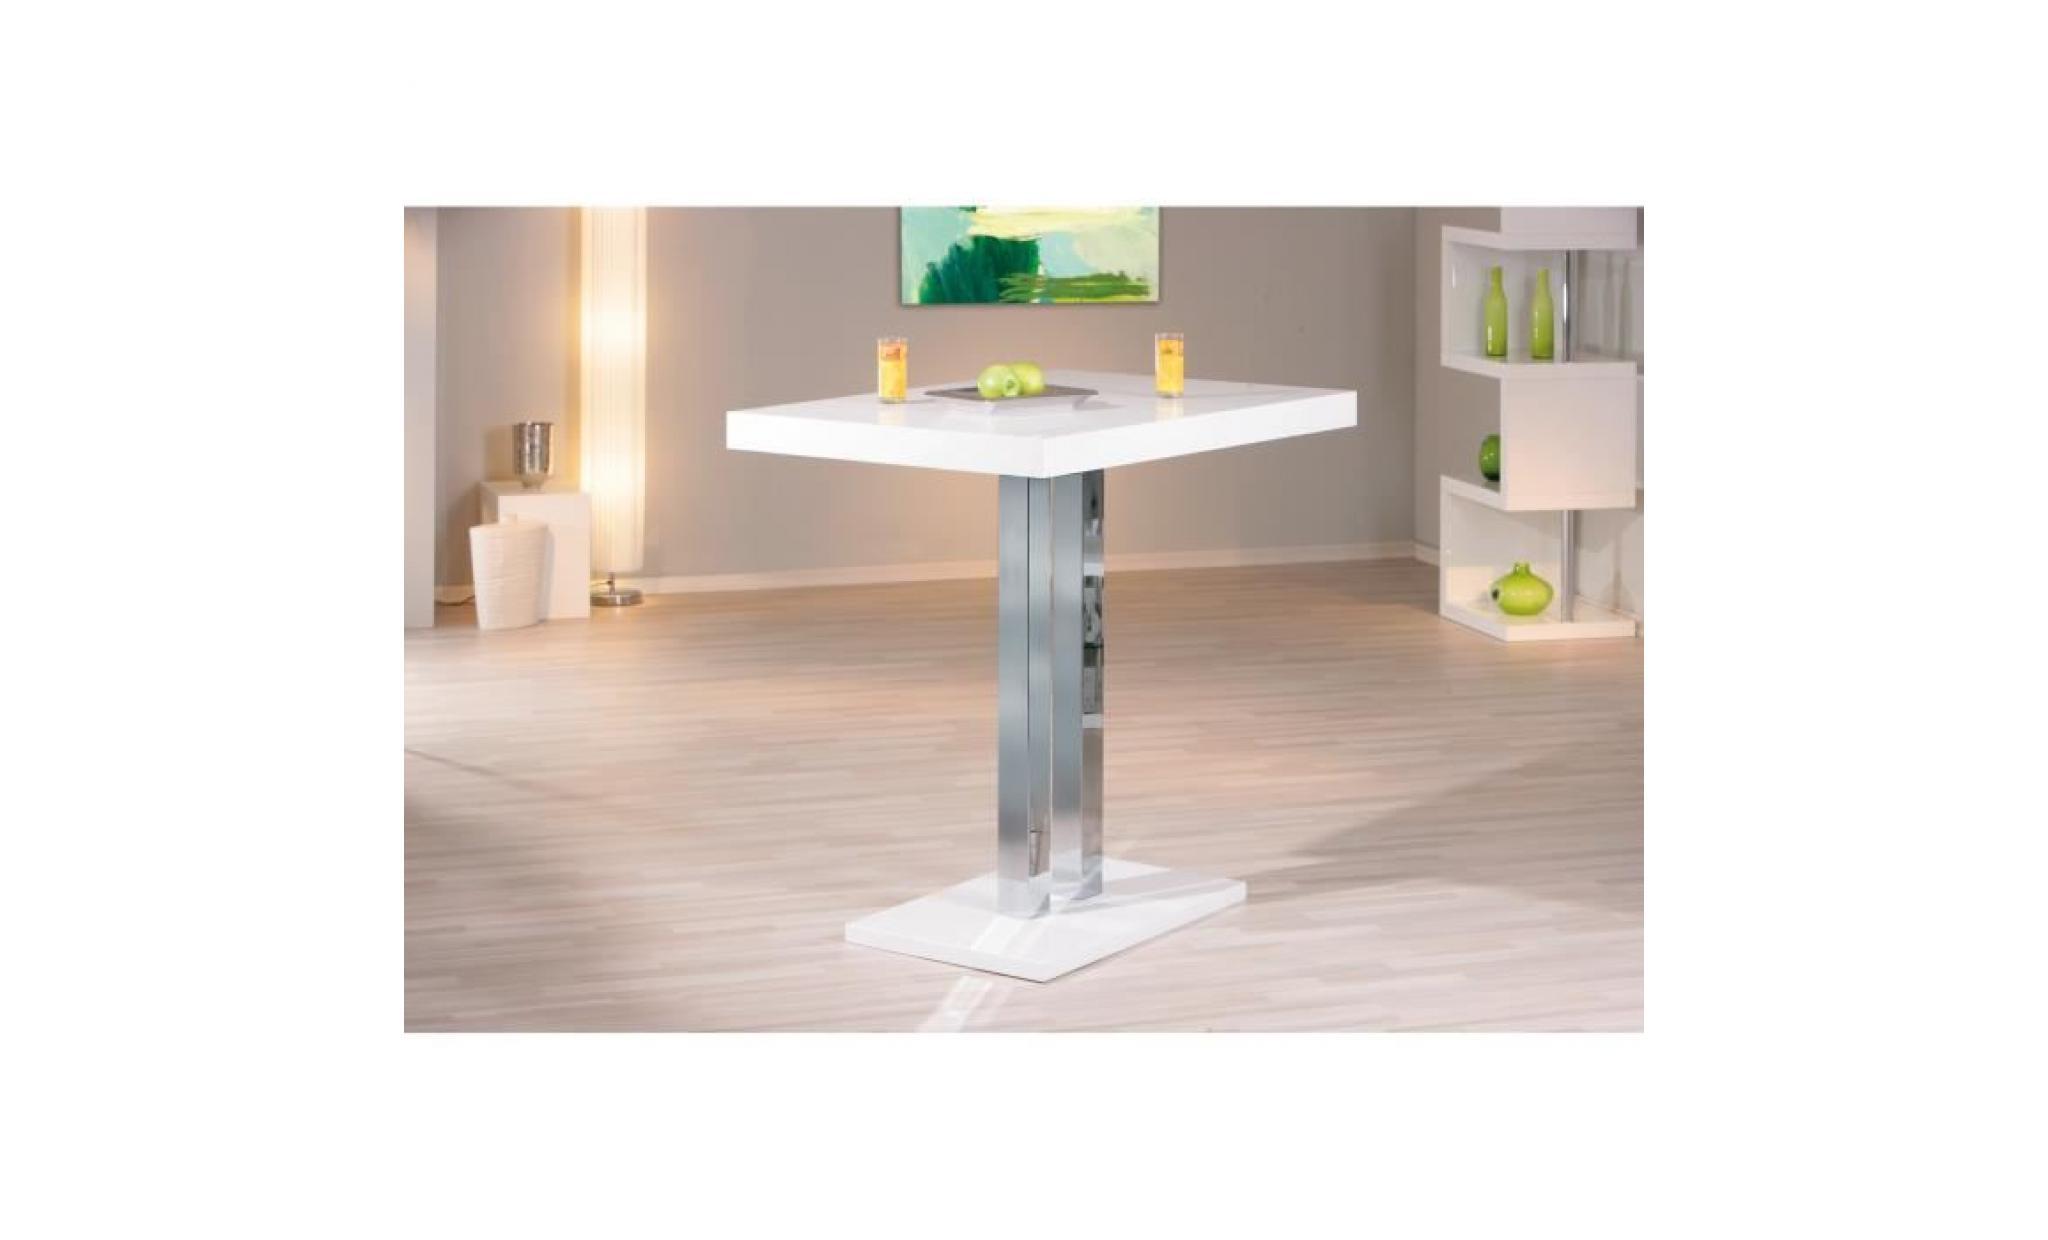 table bar palazzi meuble cuisine ou salle a manger plateau blanc brillant dim 1200x100x800 achat vente table salle a manger pas cher couleur et design fr